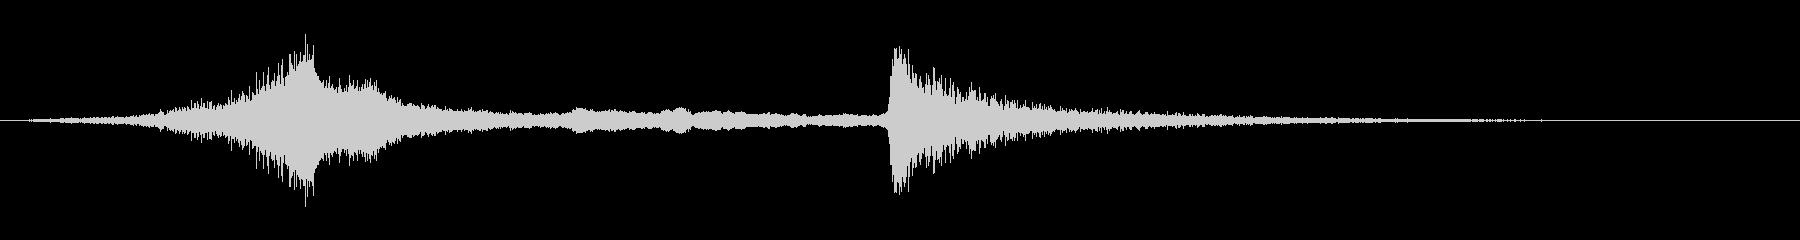 ザップの未再生の波形